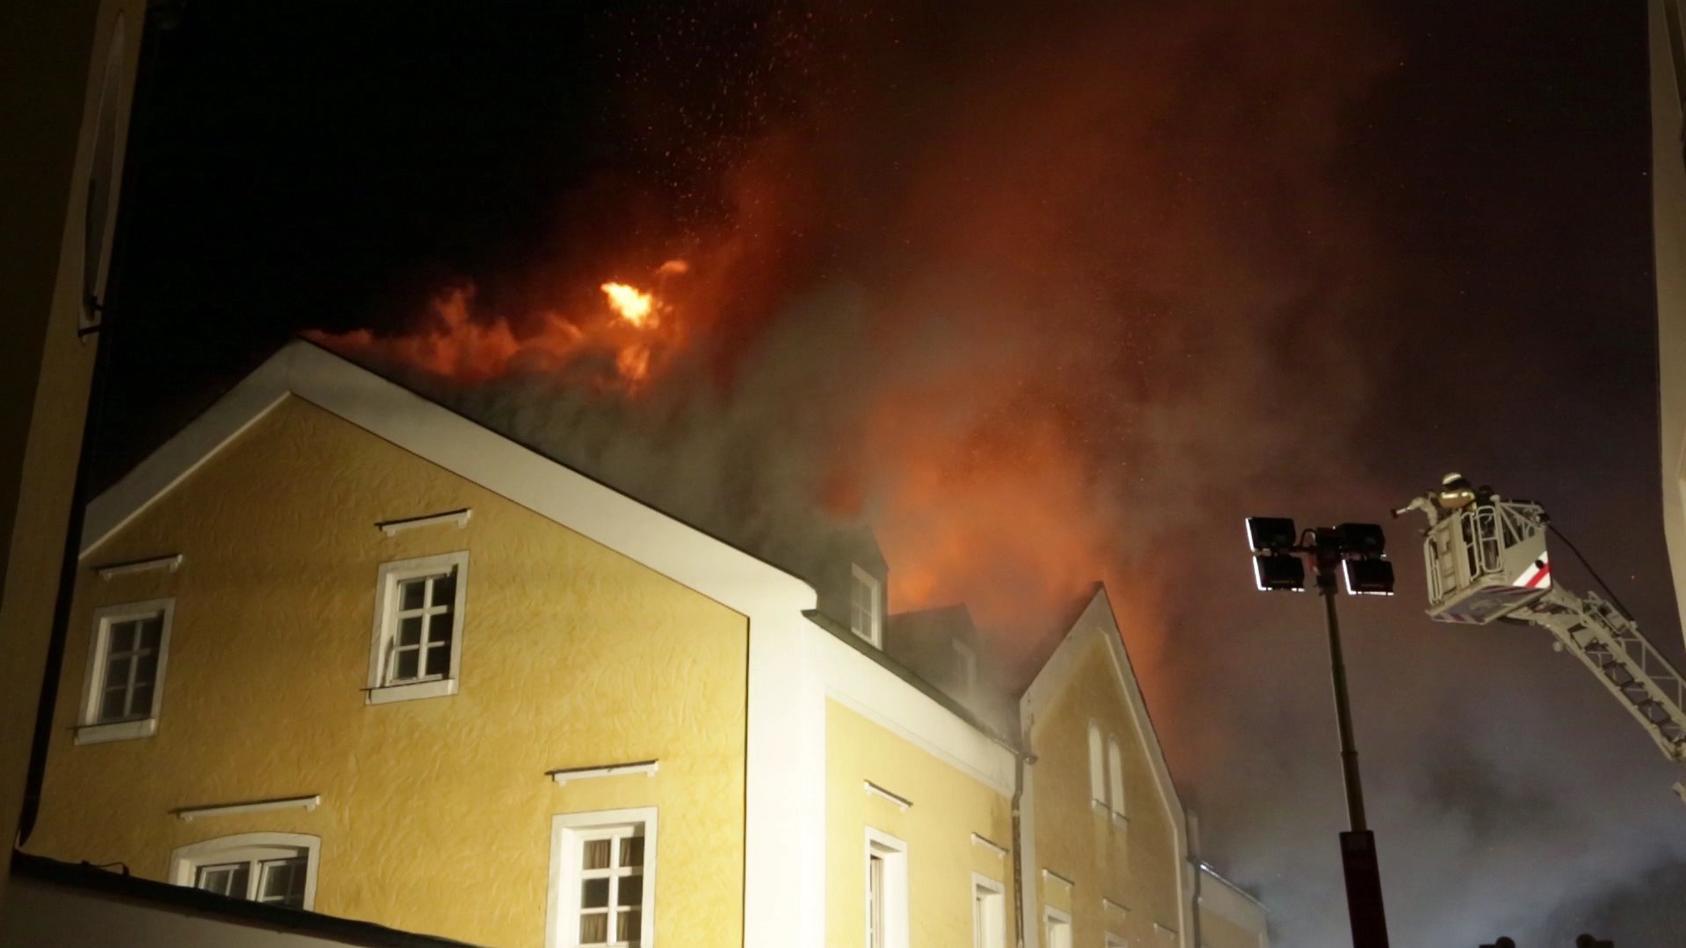 in-den-flammen-starben-vier-menschen-darunter-ein-baby